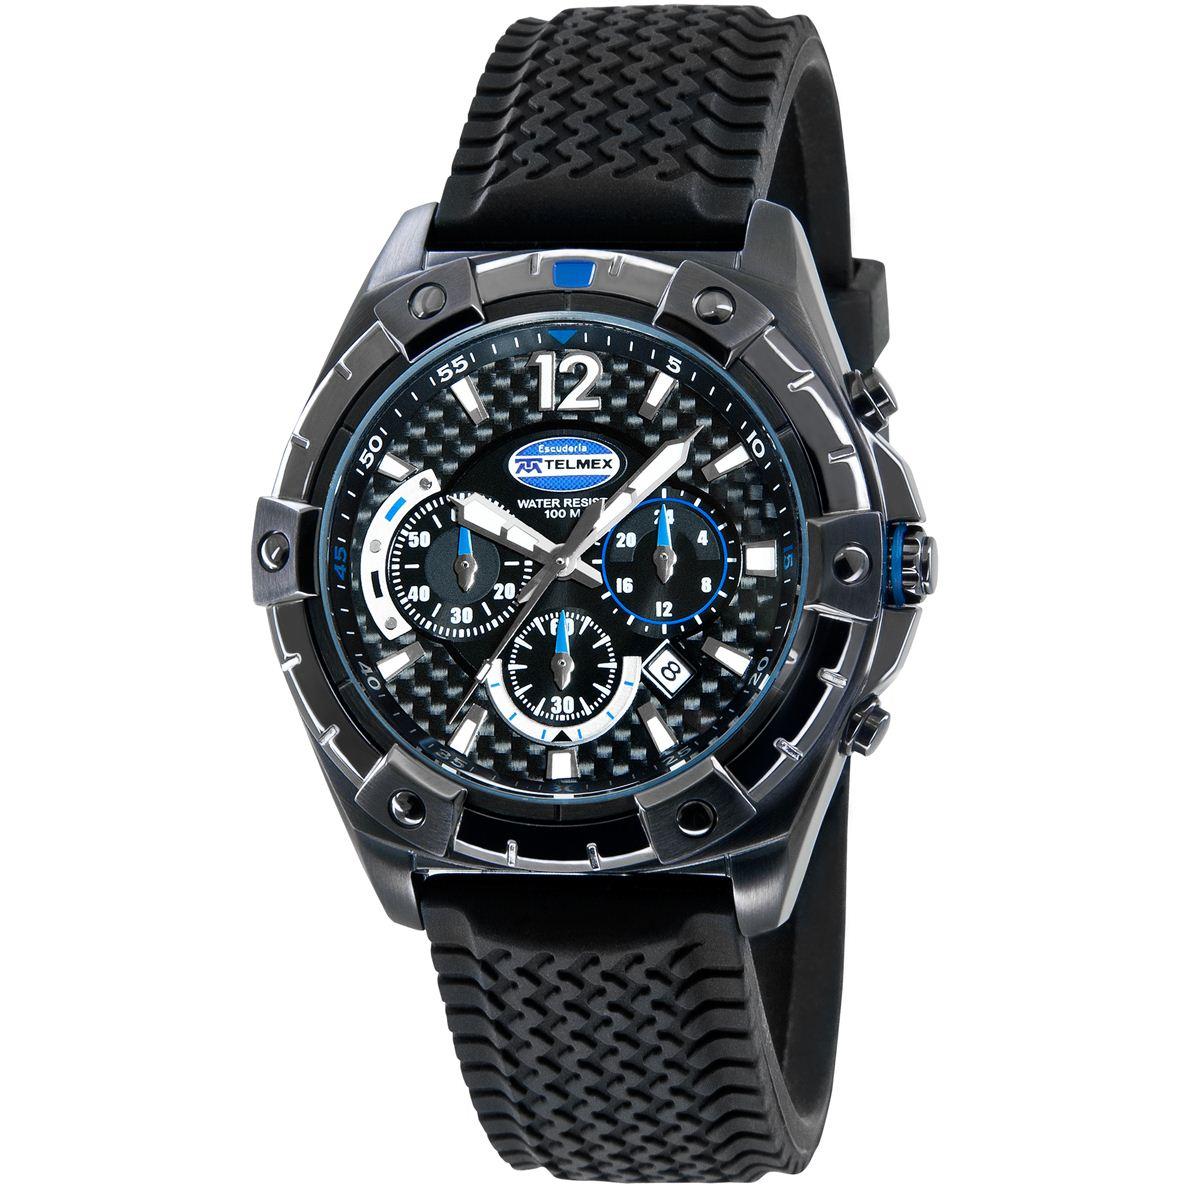 Ofertas y precios para una compra inteligente reloj - Cristal inteligente precio ...